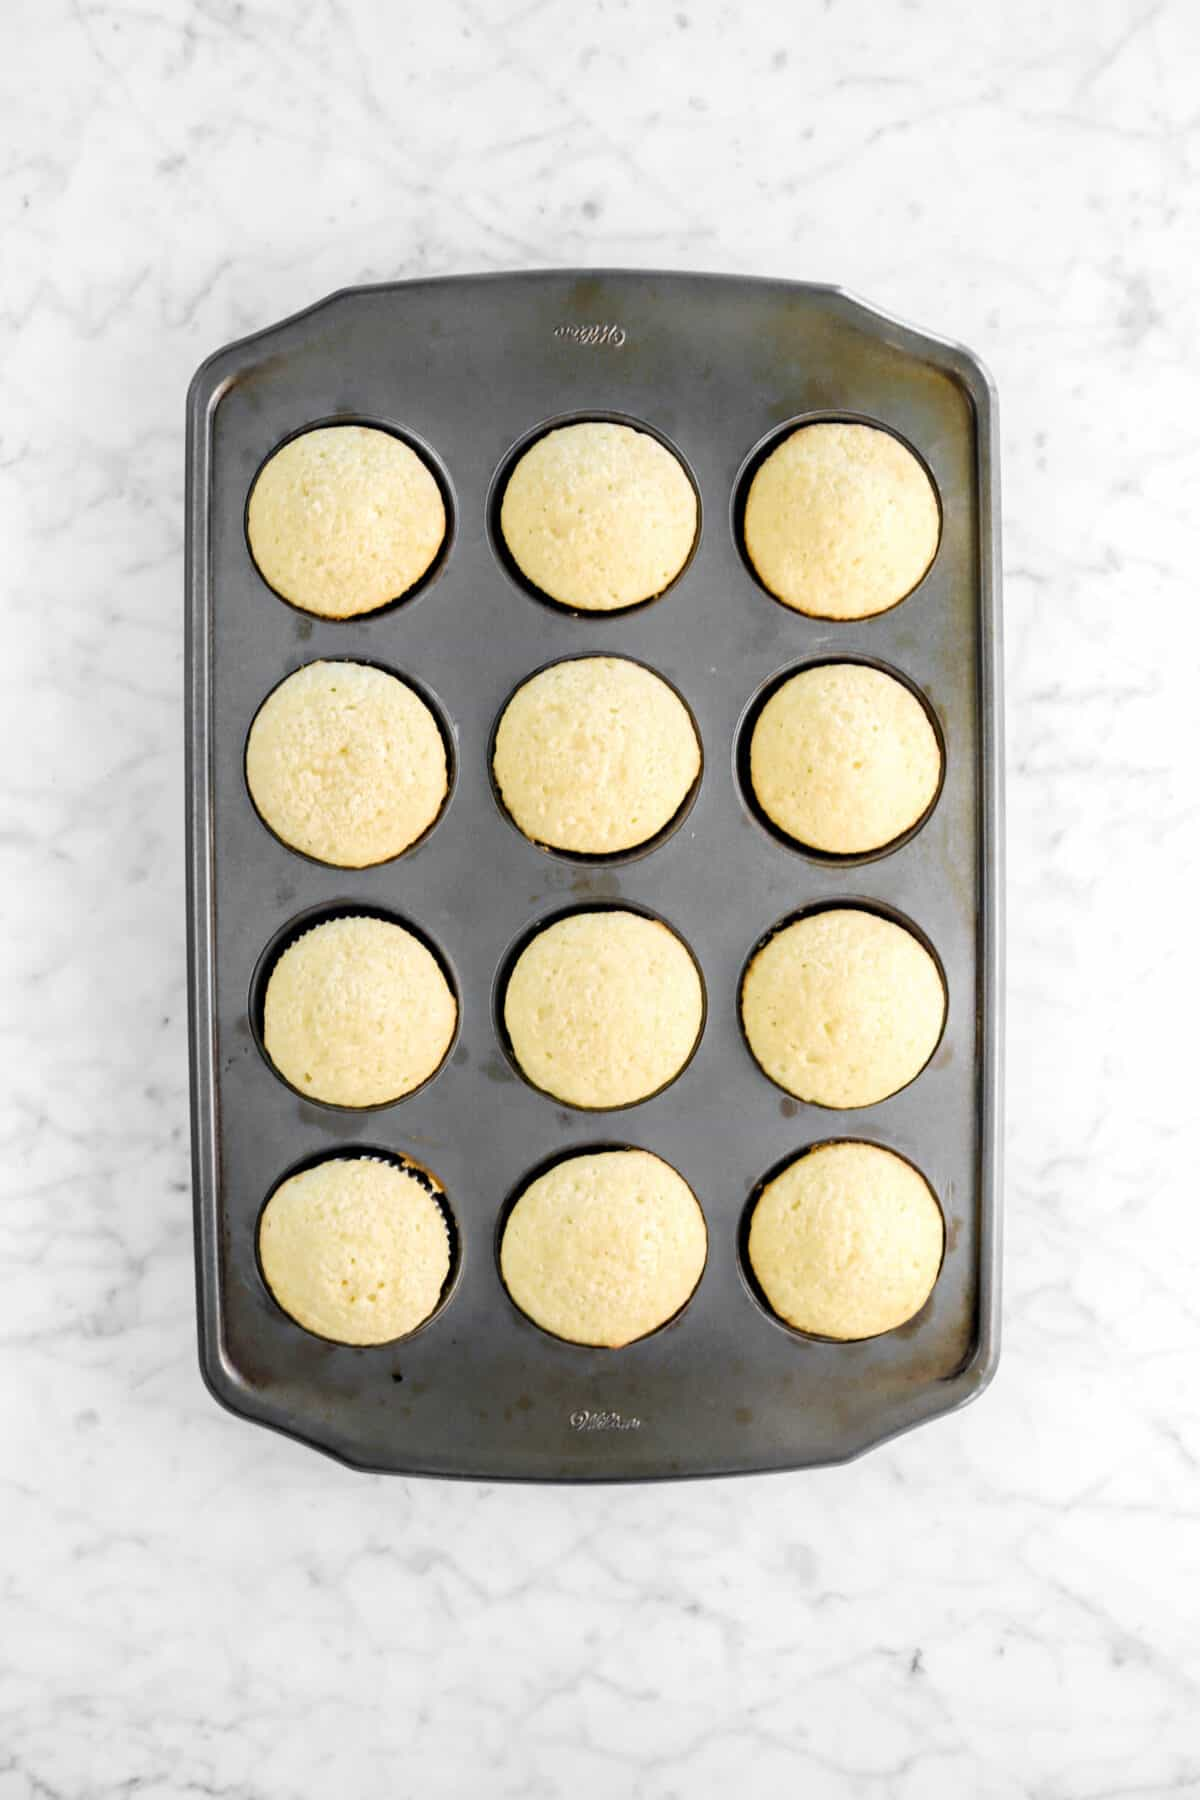 twelve baked cupcakes in a pan